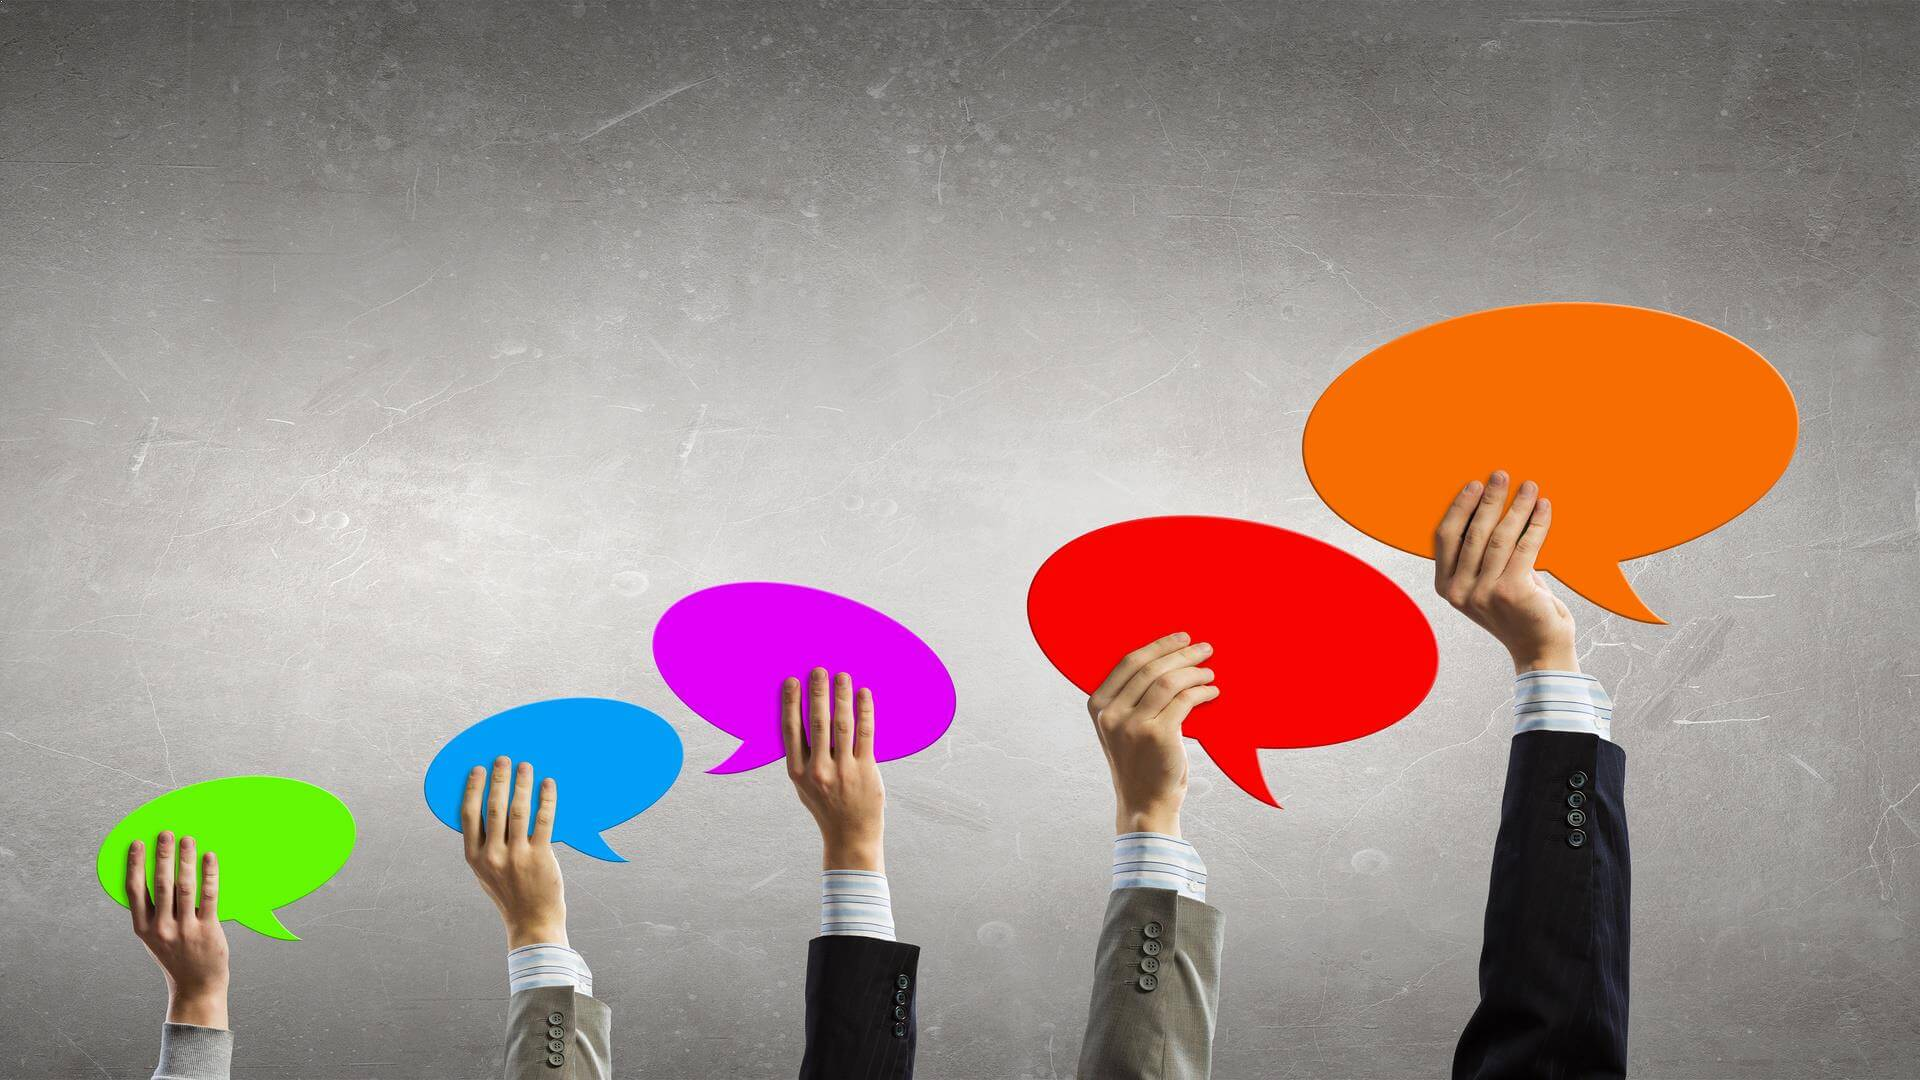 bài viết không có nhiều comment, quảng cáo facebook, quảng cáo tren facebook hiệu quả, tăng hiệu quả quảng cáo facebook, quảng cáo hiệu quả, quảng cáo chuyên nghiệp, công ty quảng cáo uy tín.